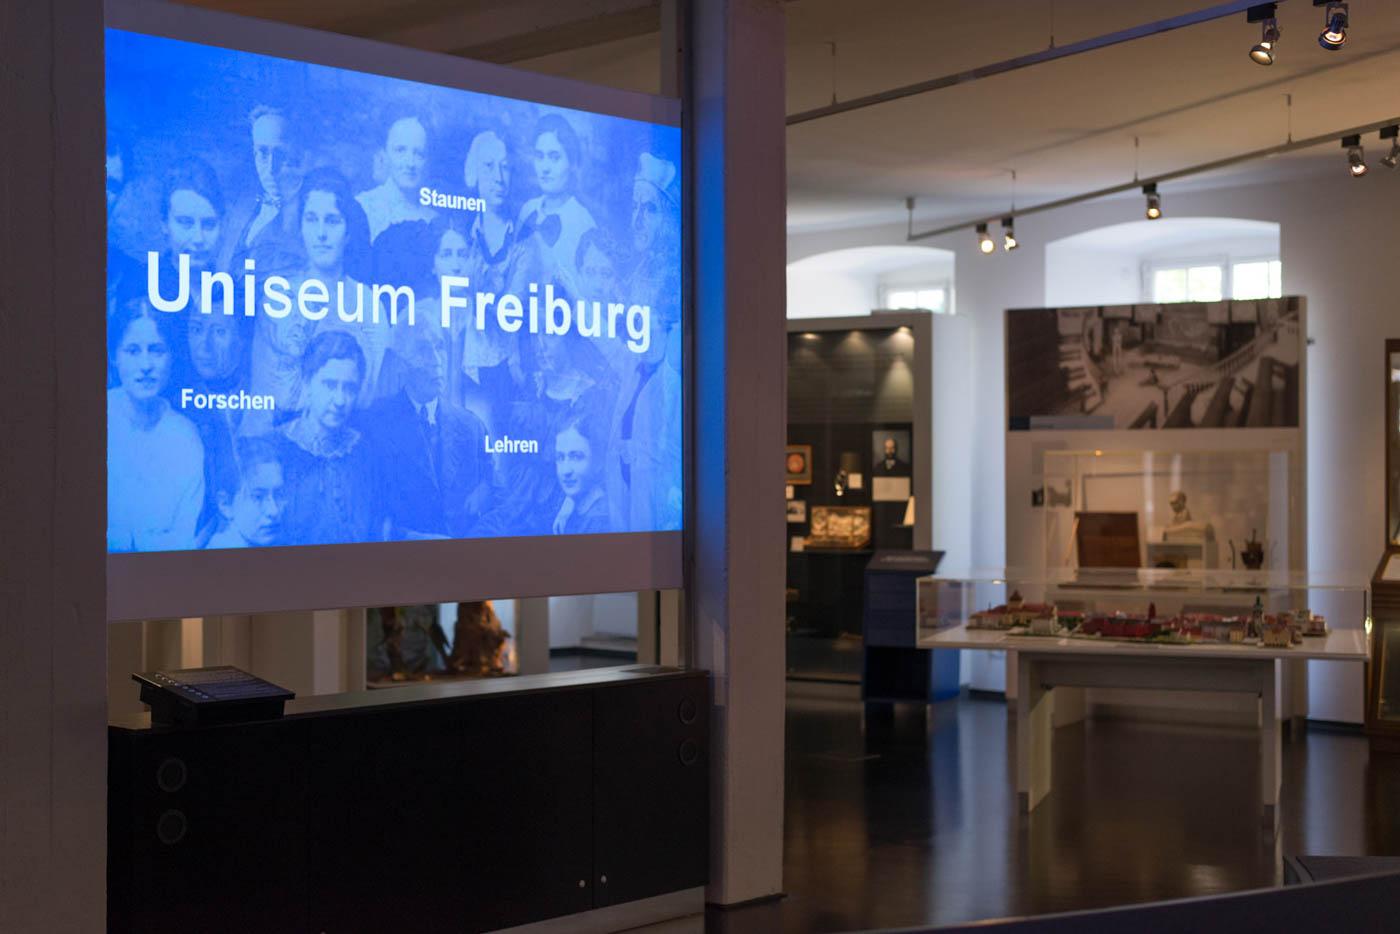 Videoprojektion des Uniseums Freiburg